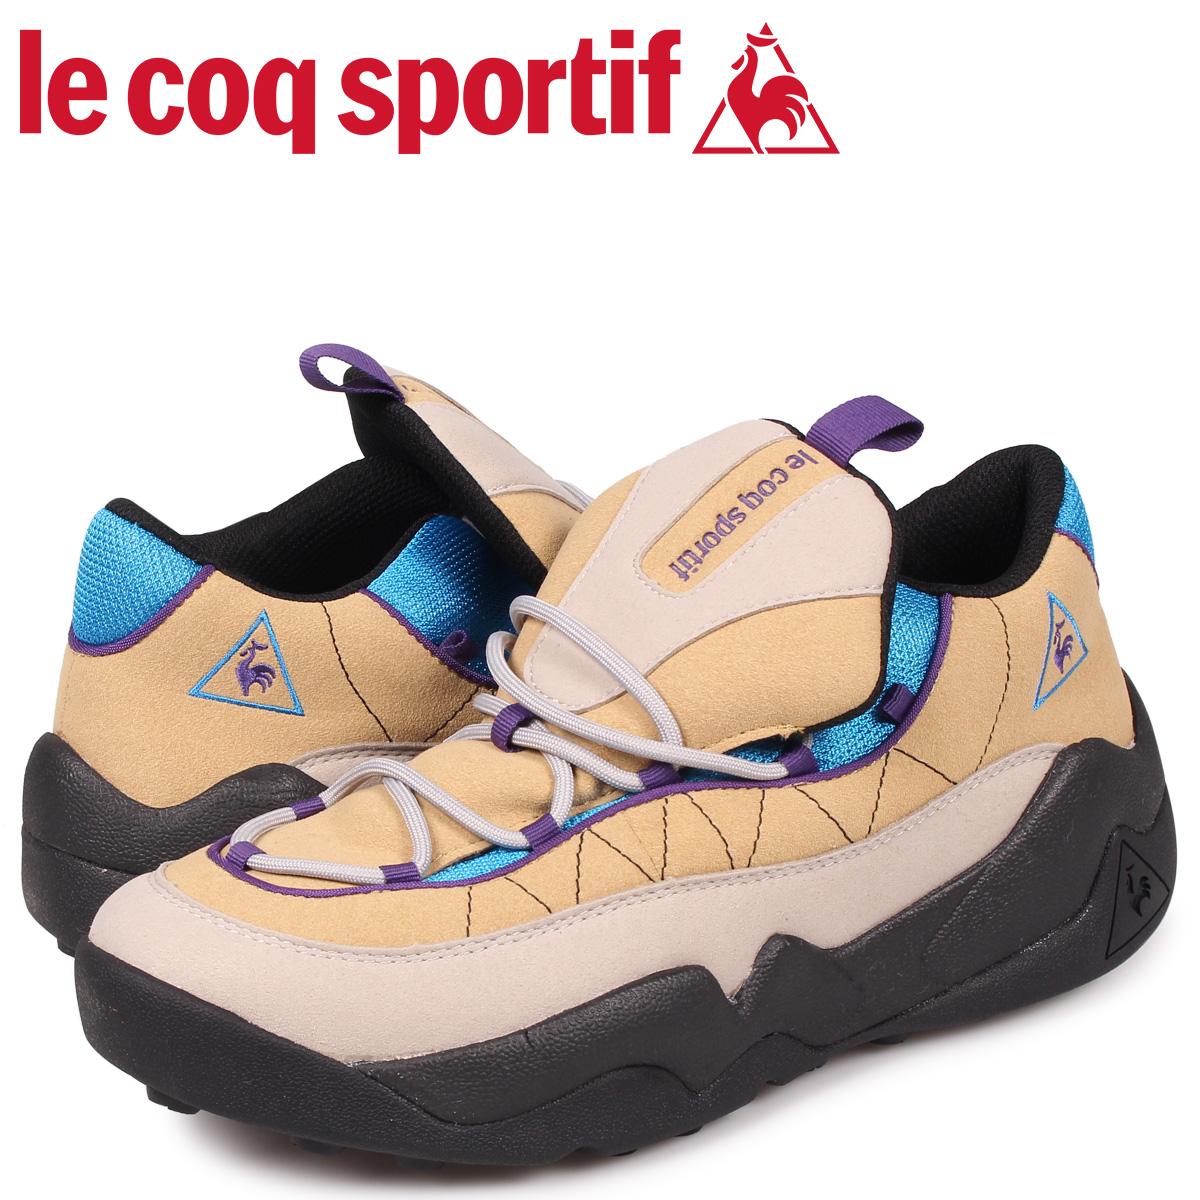 【最大2000円OFFクーポン】 ルコック スポルティフ le coq sportif スニーカー LCS TR メンズ ベージュ QL2OJC52GB